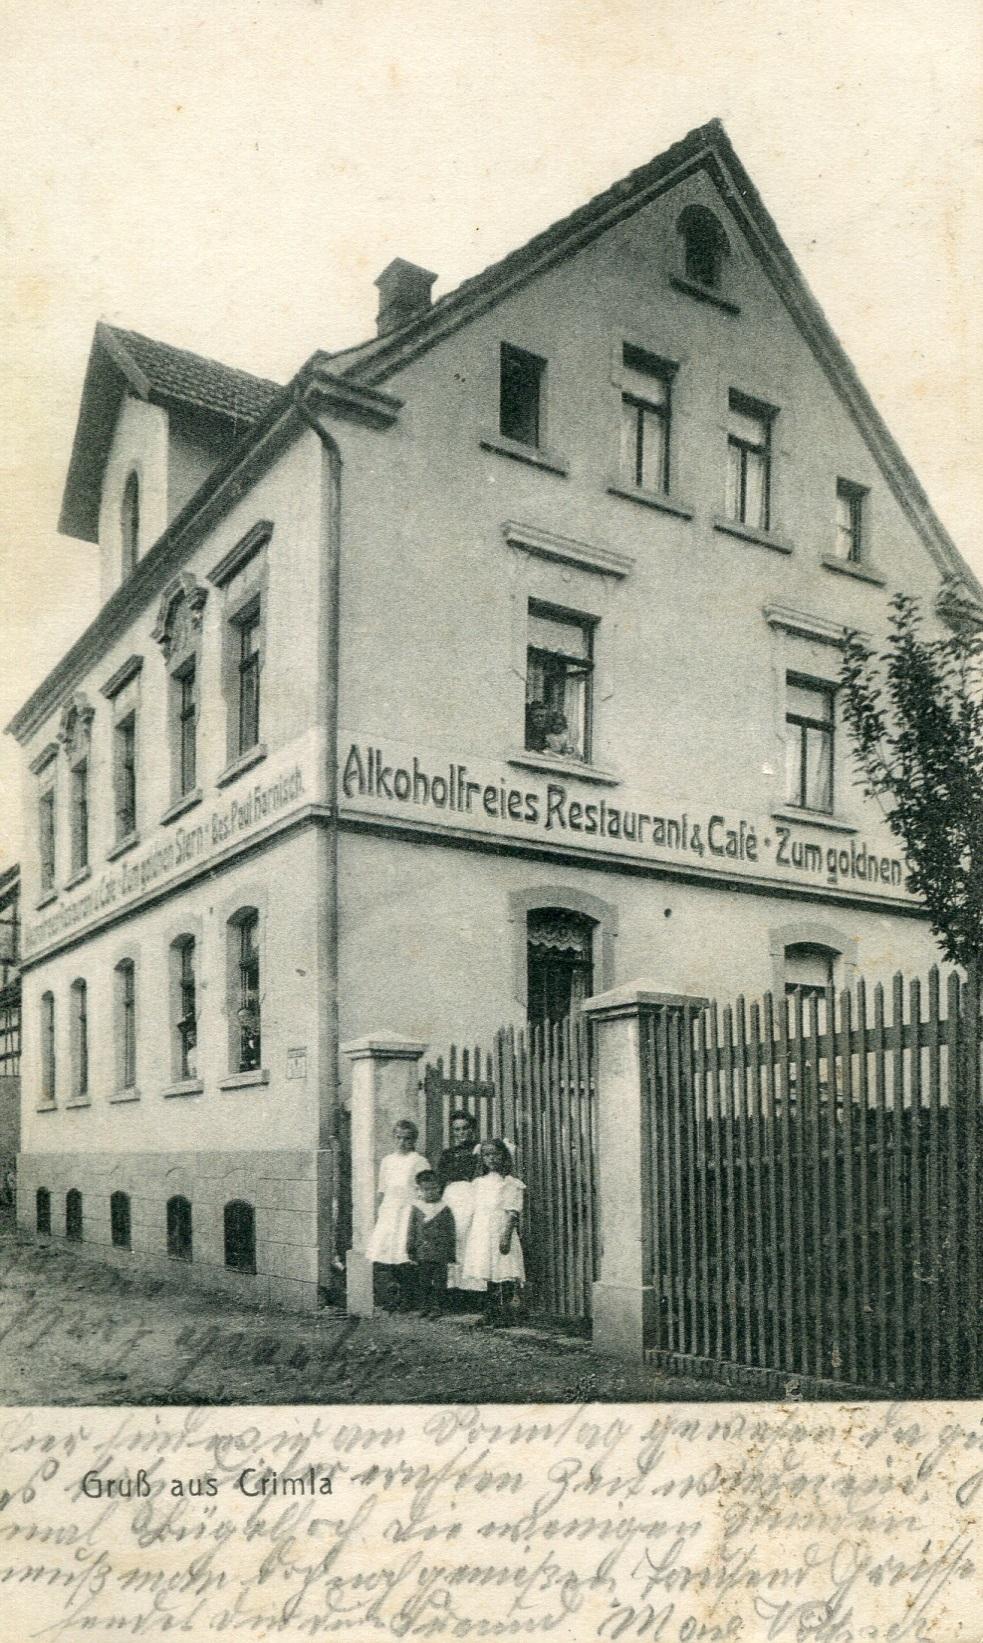 Crimla 1915 Alkoholfreies Restaurant.jpg